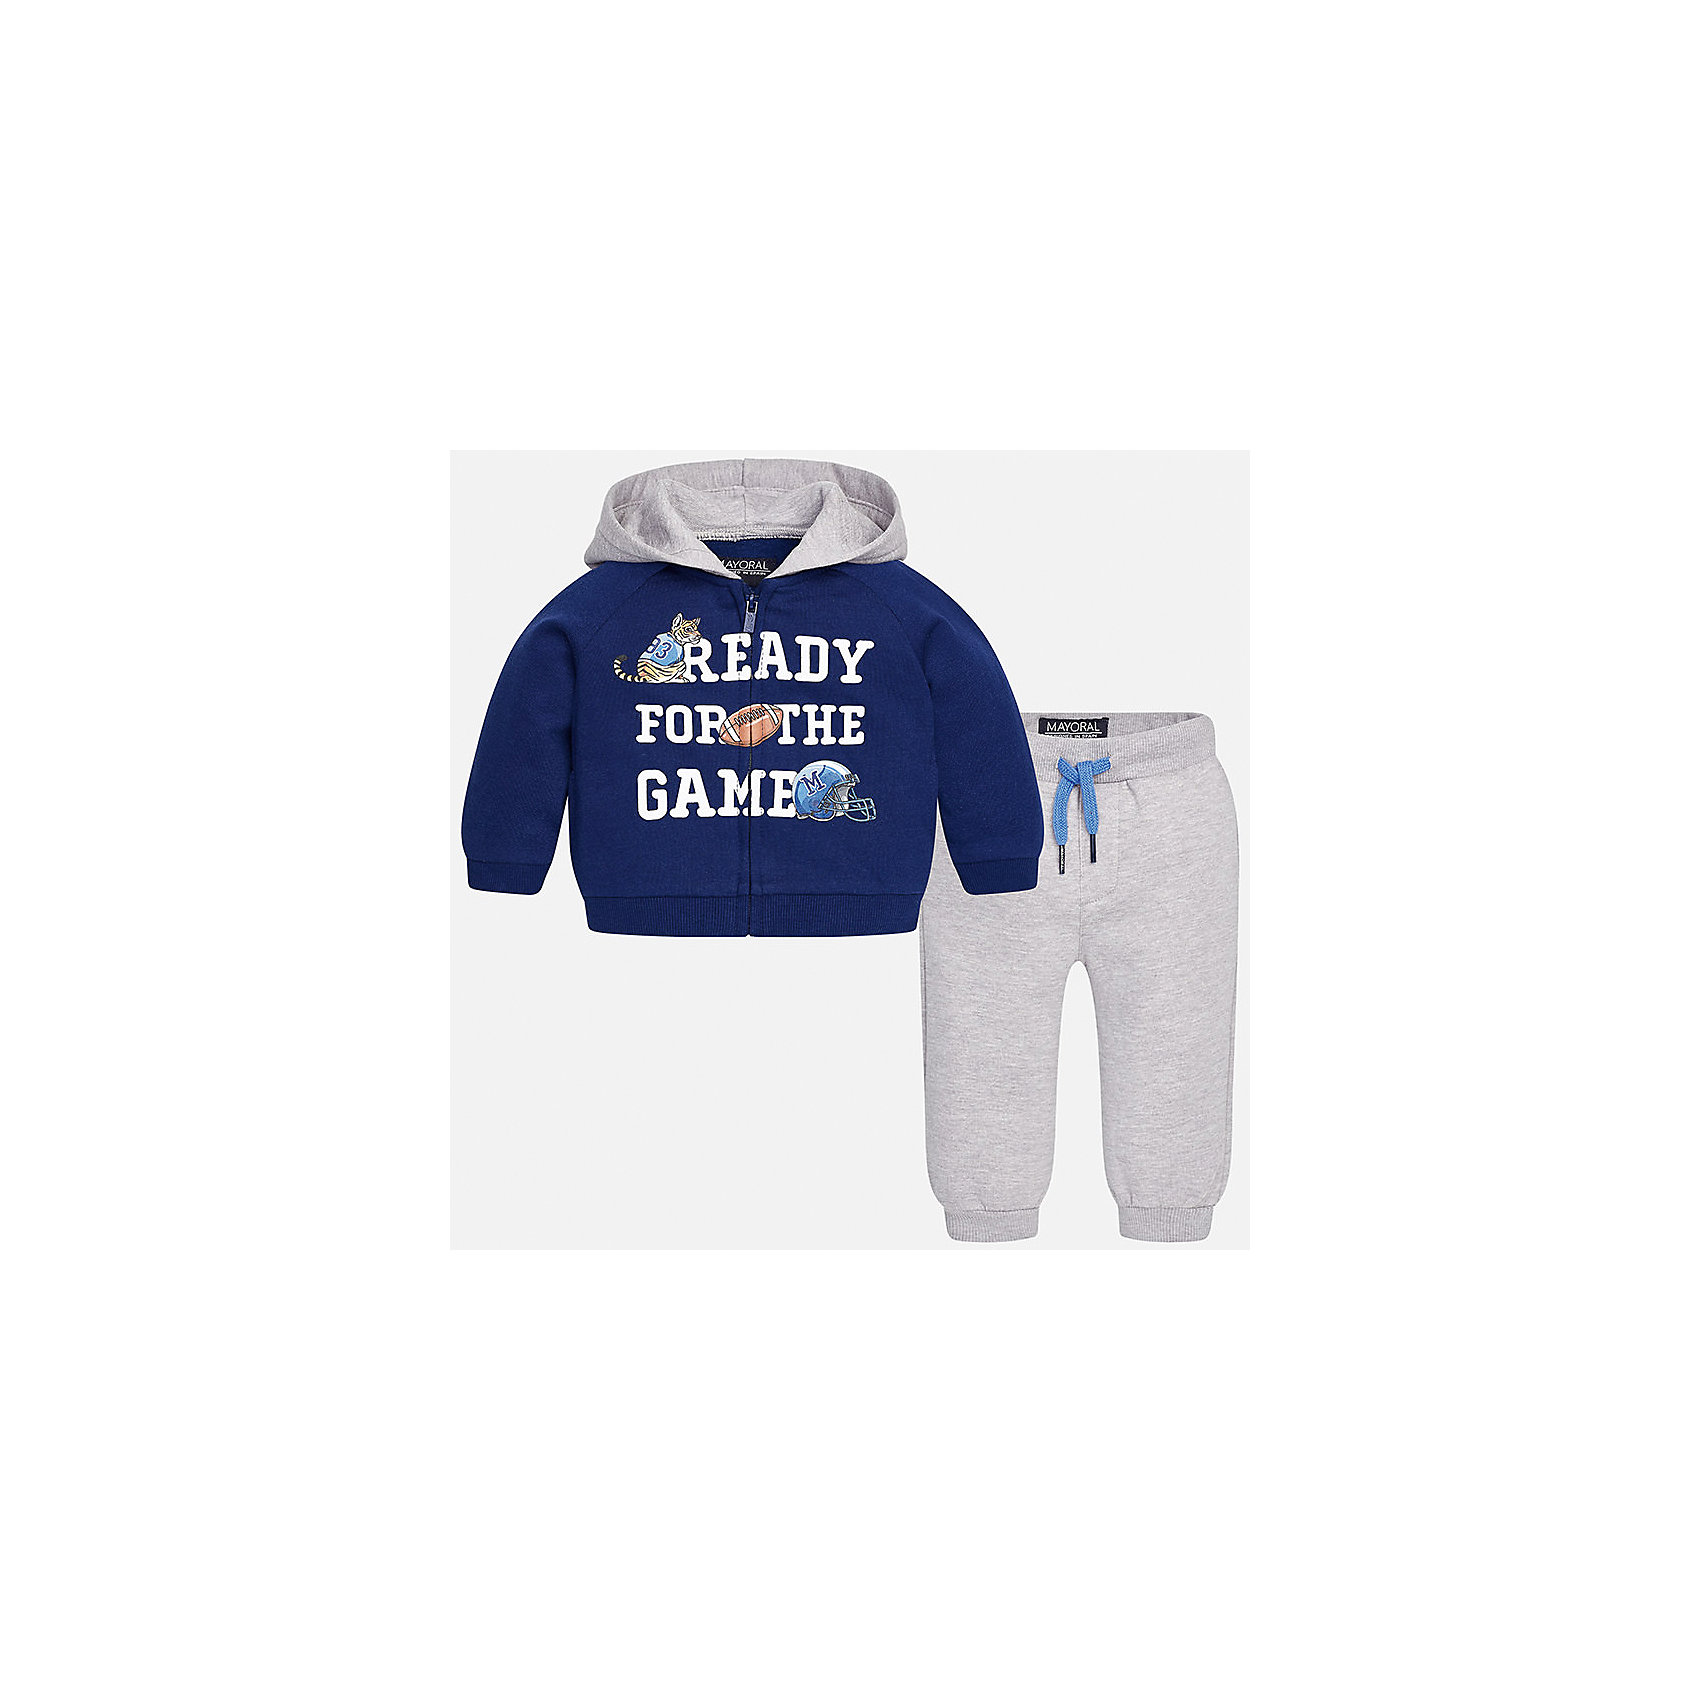 Спортивный костюм для мальчика MayoralКомплекты<br>Характеристики товара:<br><br>• цвет: синий/серый<br>• состав ткани: 60% хлопок, 40% полиэстер<br>• комплектация: куртка, 2 брюк<br>• сезон: демисезон<br>• особенности модели: спортивный стиль<br>• застежка: молния<br>• длинные рукава<br>• пояс брюк: резинка, шнурок<br>• страна бренда: Испания<br>• страна изготовитель: Индия<br><br>Этот спортивный костюм для мальчика сделан из плотного приятного на ощупь материала. Такой детский спортивный комплект состоит из курточки и двух брюк. Благодаря продуманному крою детского спортивного костюма создаются комфортные условия для тела. Спортивный комплект для мальчика отличается стильным продуманным дизайном.<br><br>Спортивный костюм для мальчика Mayoral (Майорал) можно купить в нашем интернет-магазине.<br><br>Ширина мм: 247<br>Глубина мм: 16<br>Высота мм: 140<br>Вес г: 225<br>Цвет: сине-серый<br>Возраст от месяцев: 24<br>Возраст до месяцев: 36<br>Пол: Мужской<br>Возраст: Детский<br>Размер: 98,74,80,86,92<br>SKU: 6935516